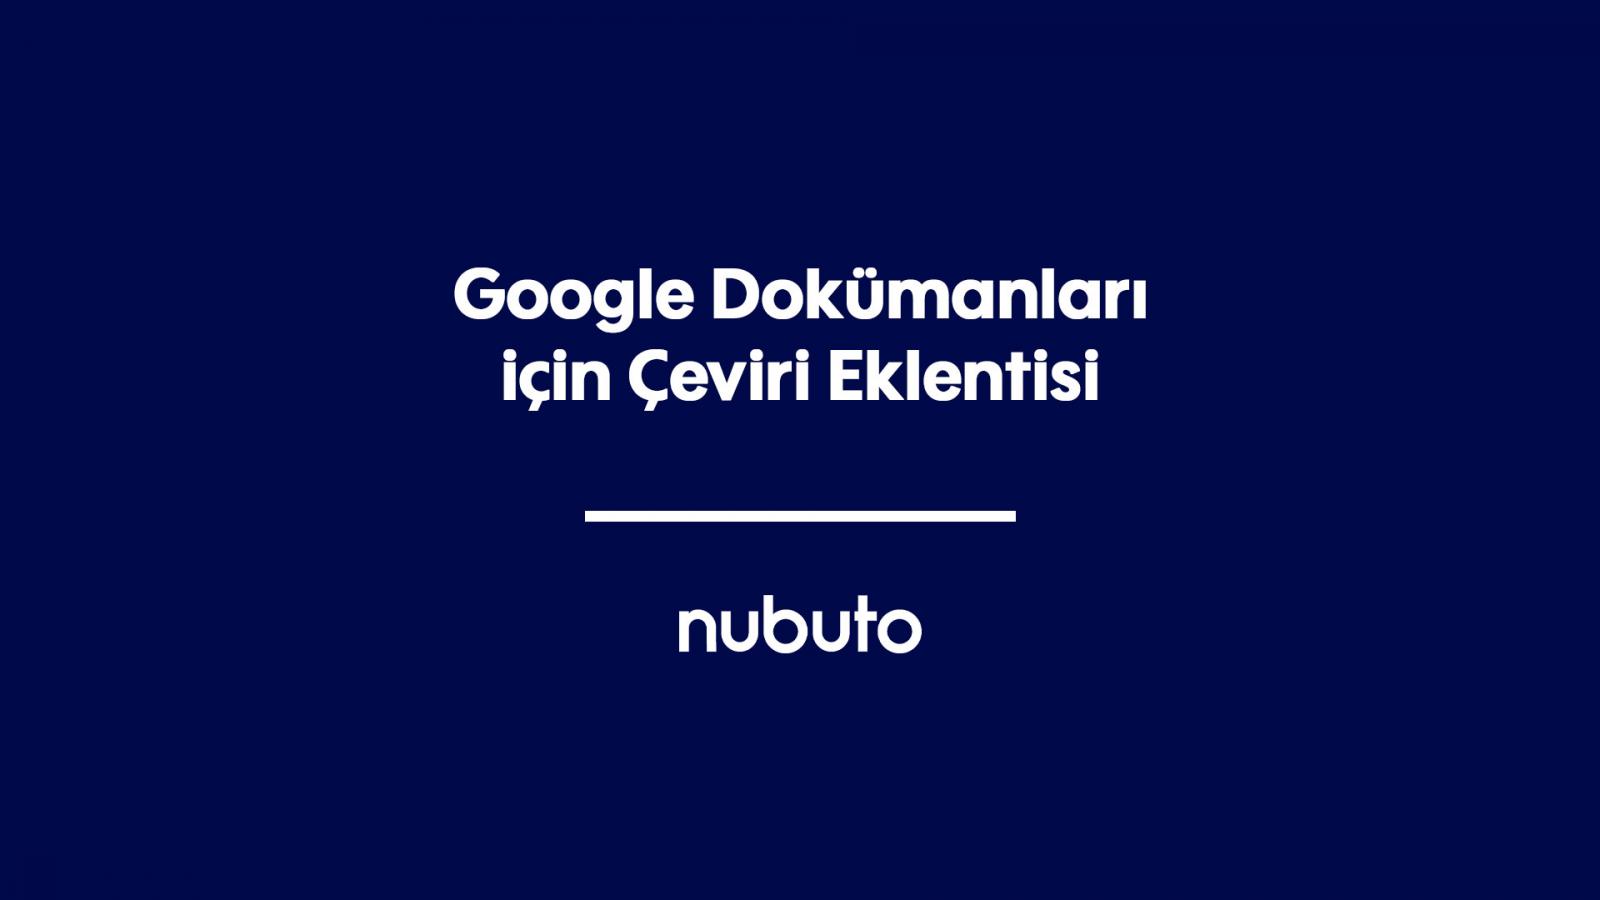 Google Dokümanları için Çeviri Eklentisi